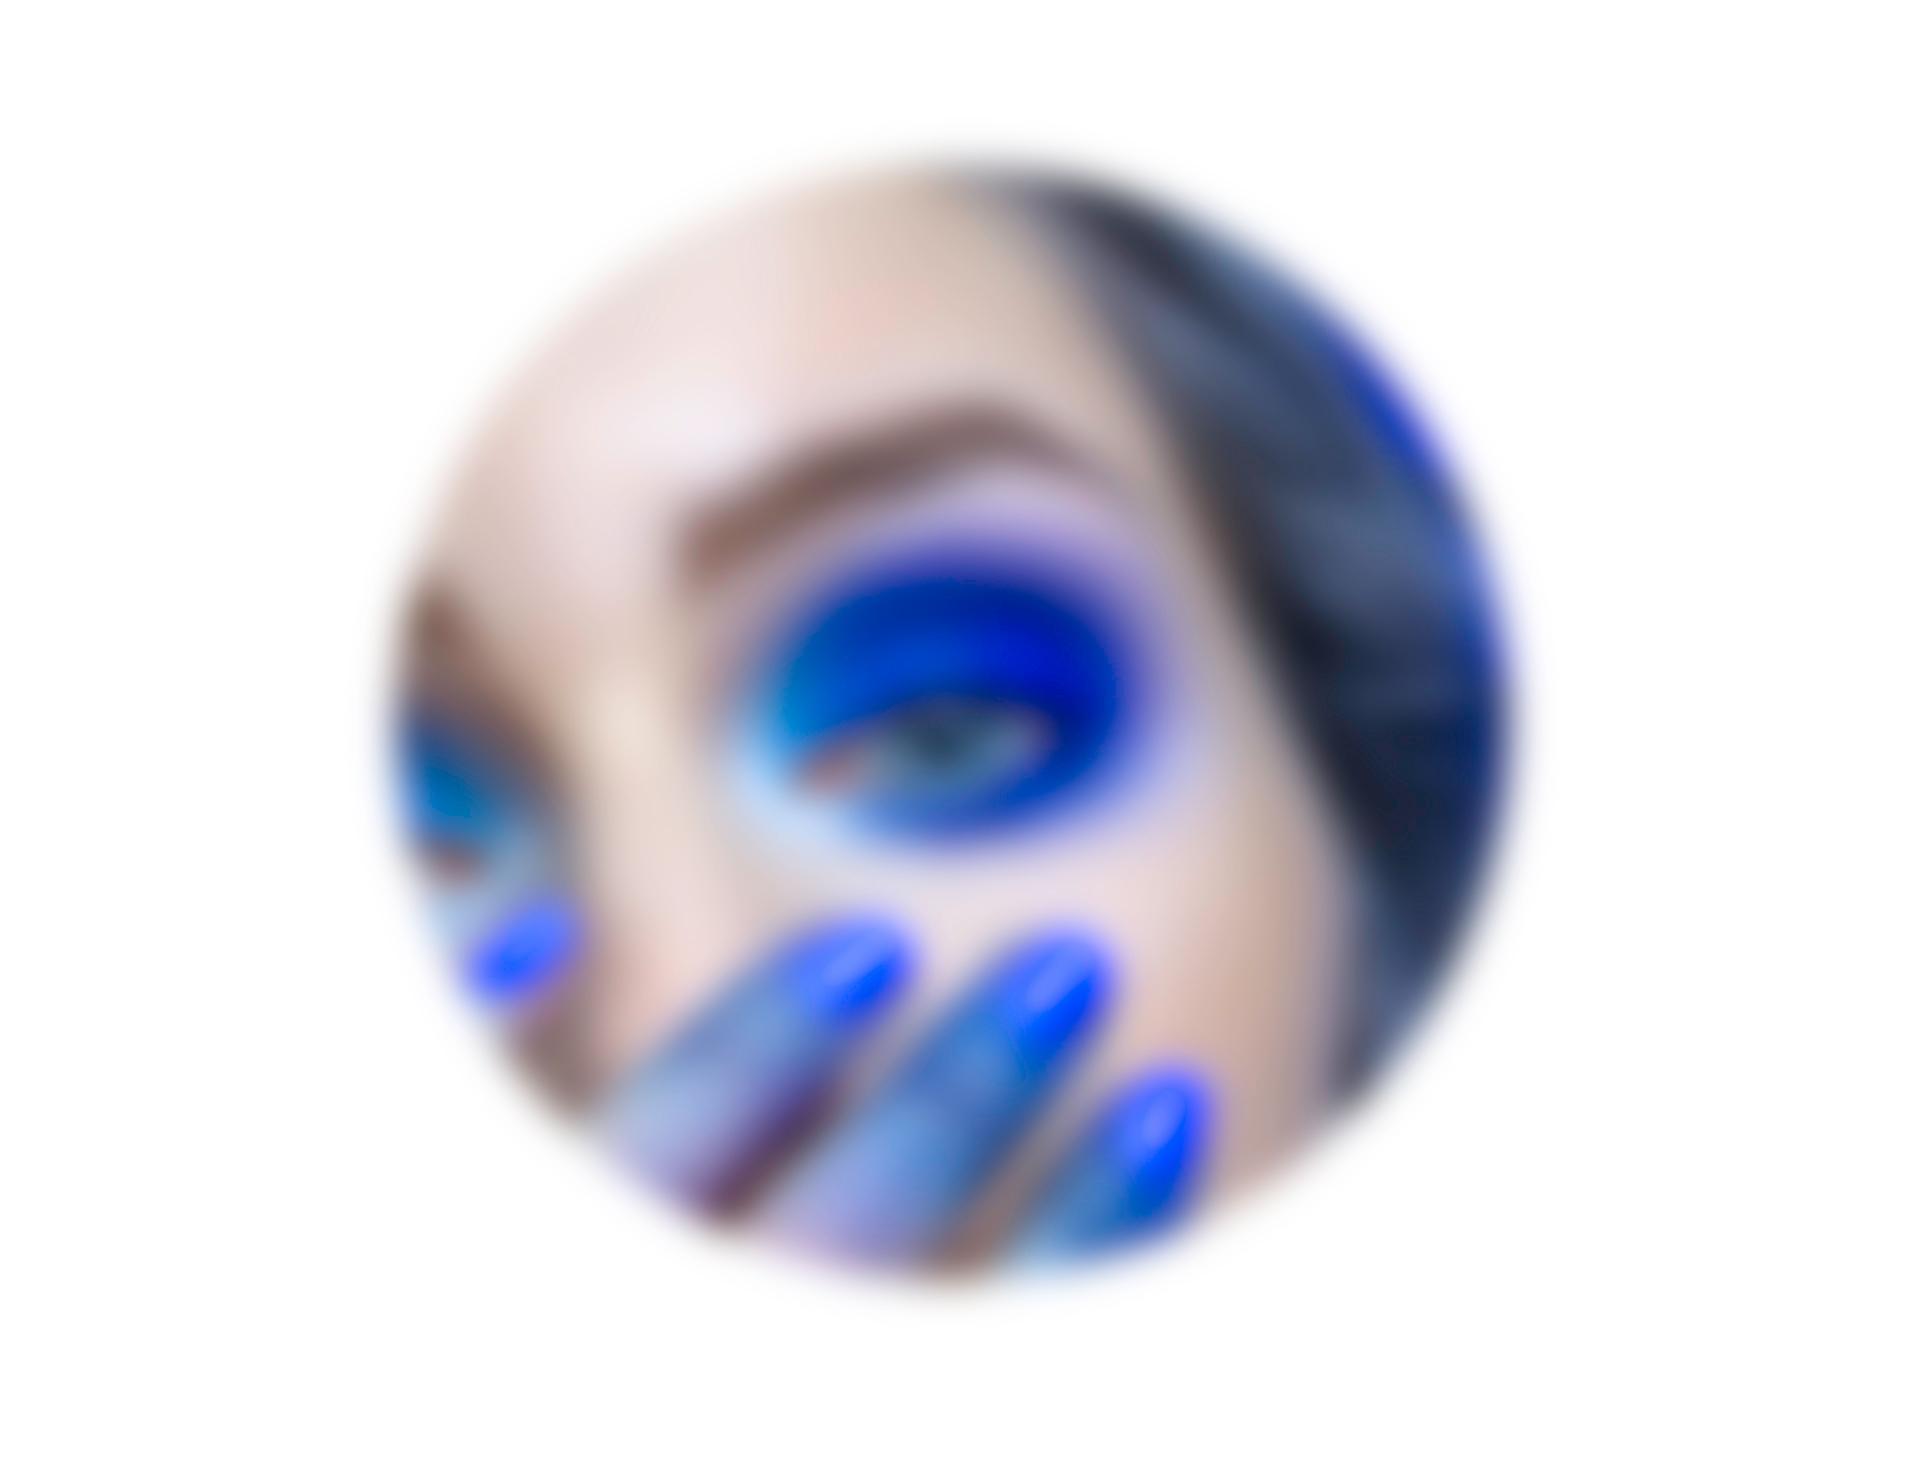 Zdjęcie przedstawia rozmyte okrągłe zdjęcie oka w niebieskim makijażu.